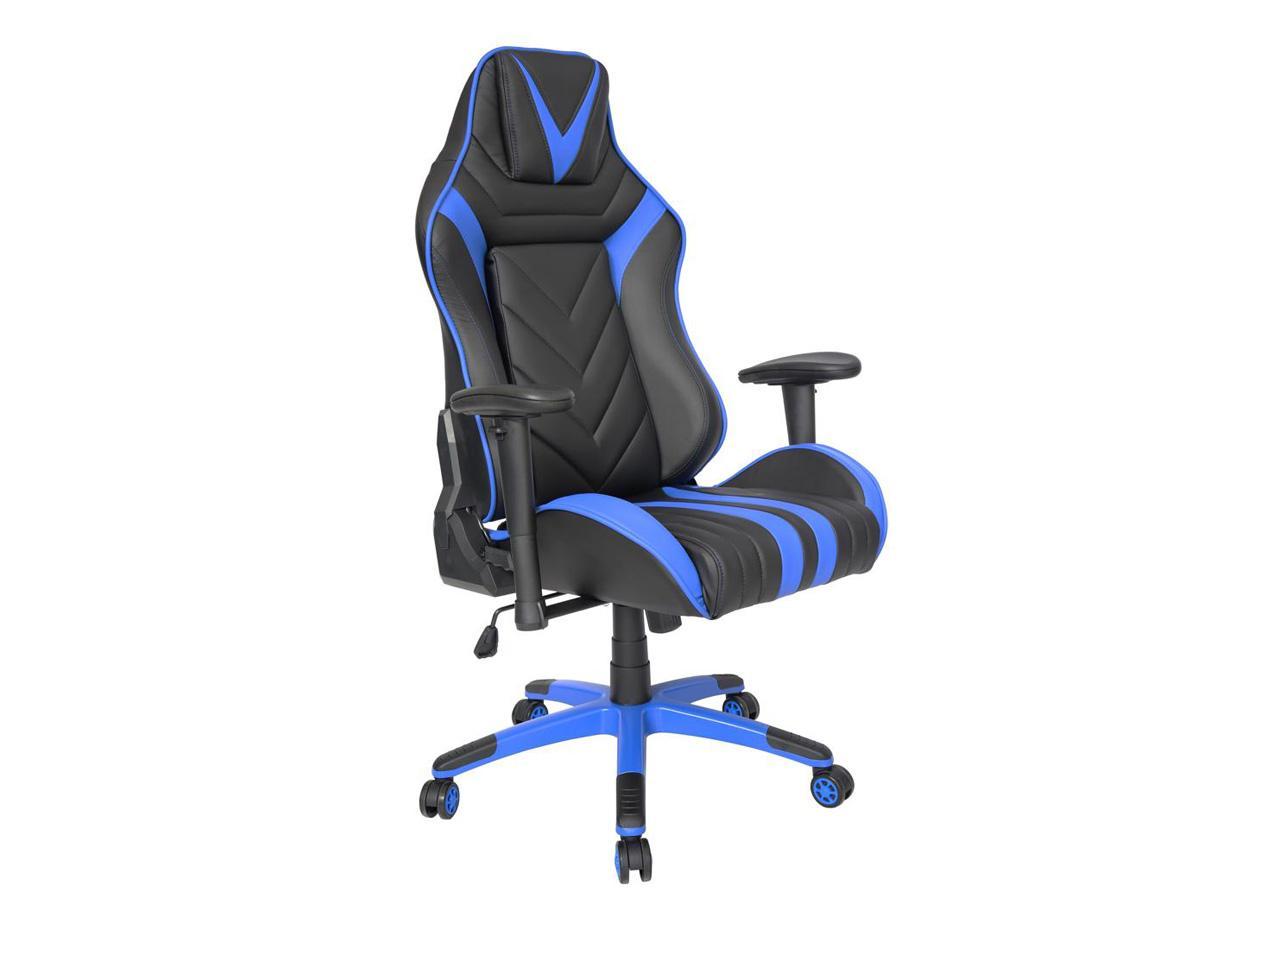 sillon kugamer 001 especial color azul con negro